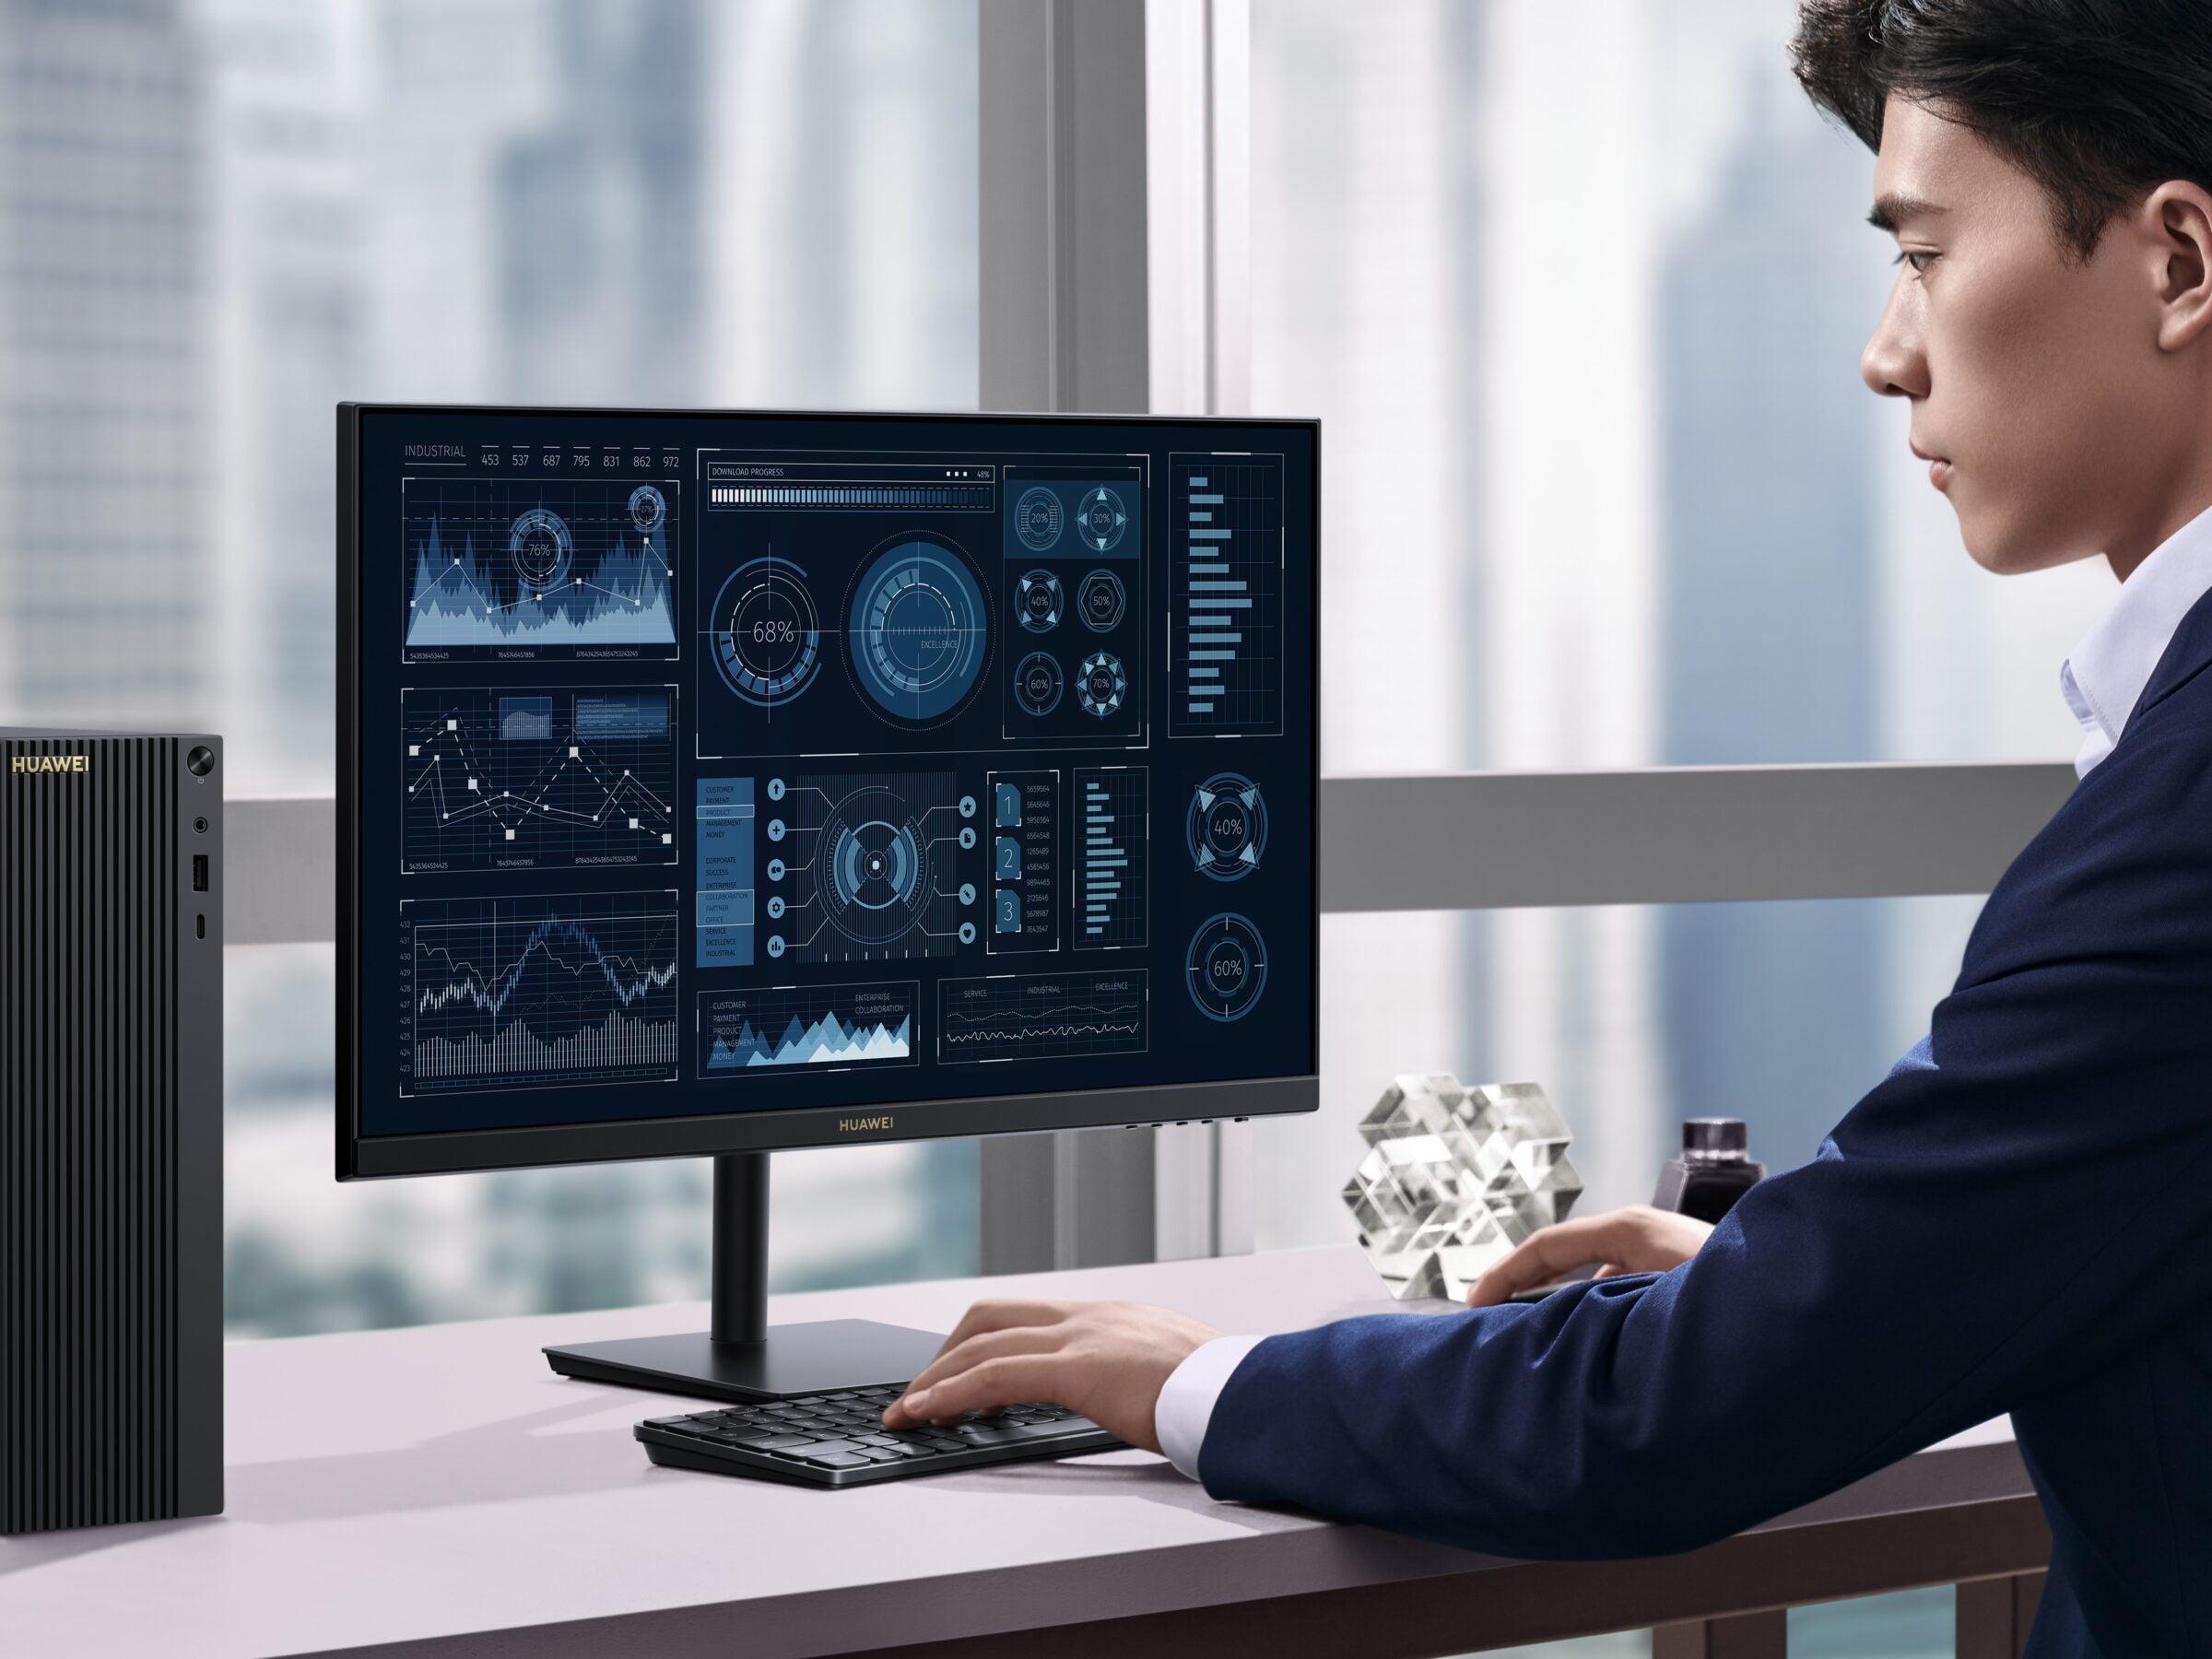 Das neue Huawei Display